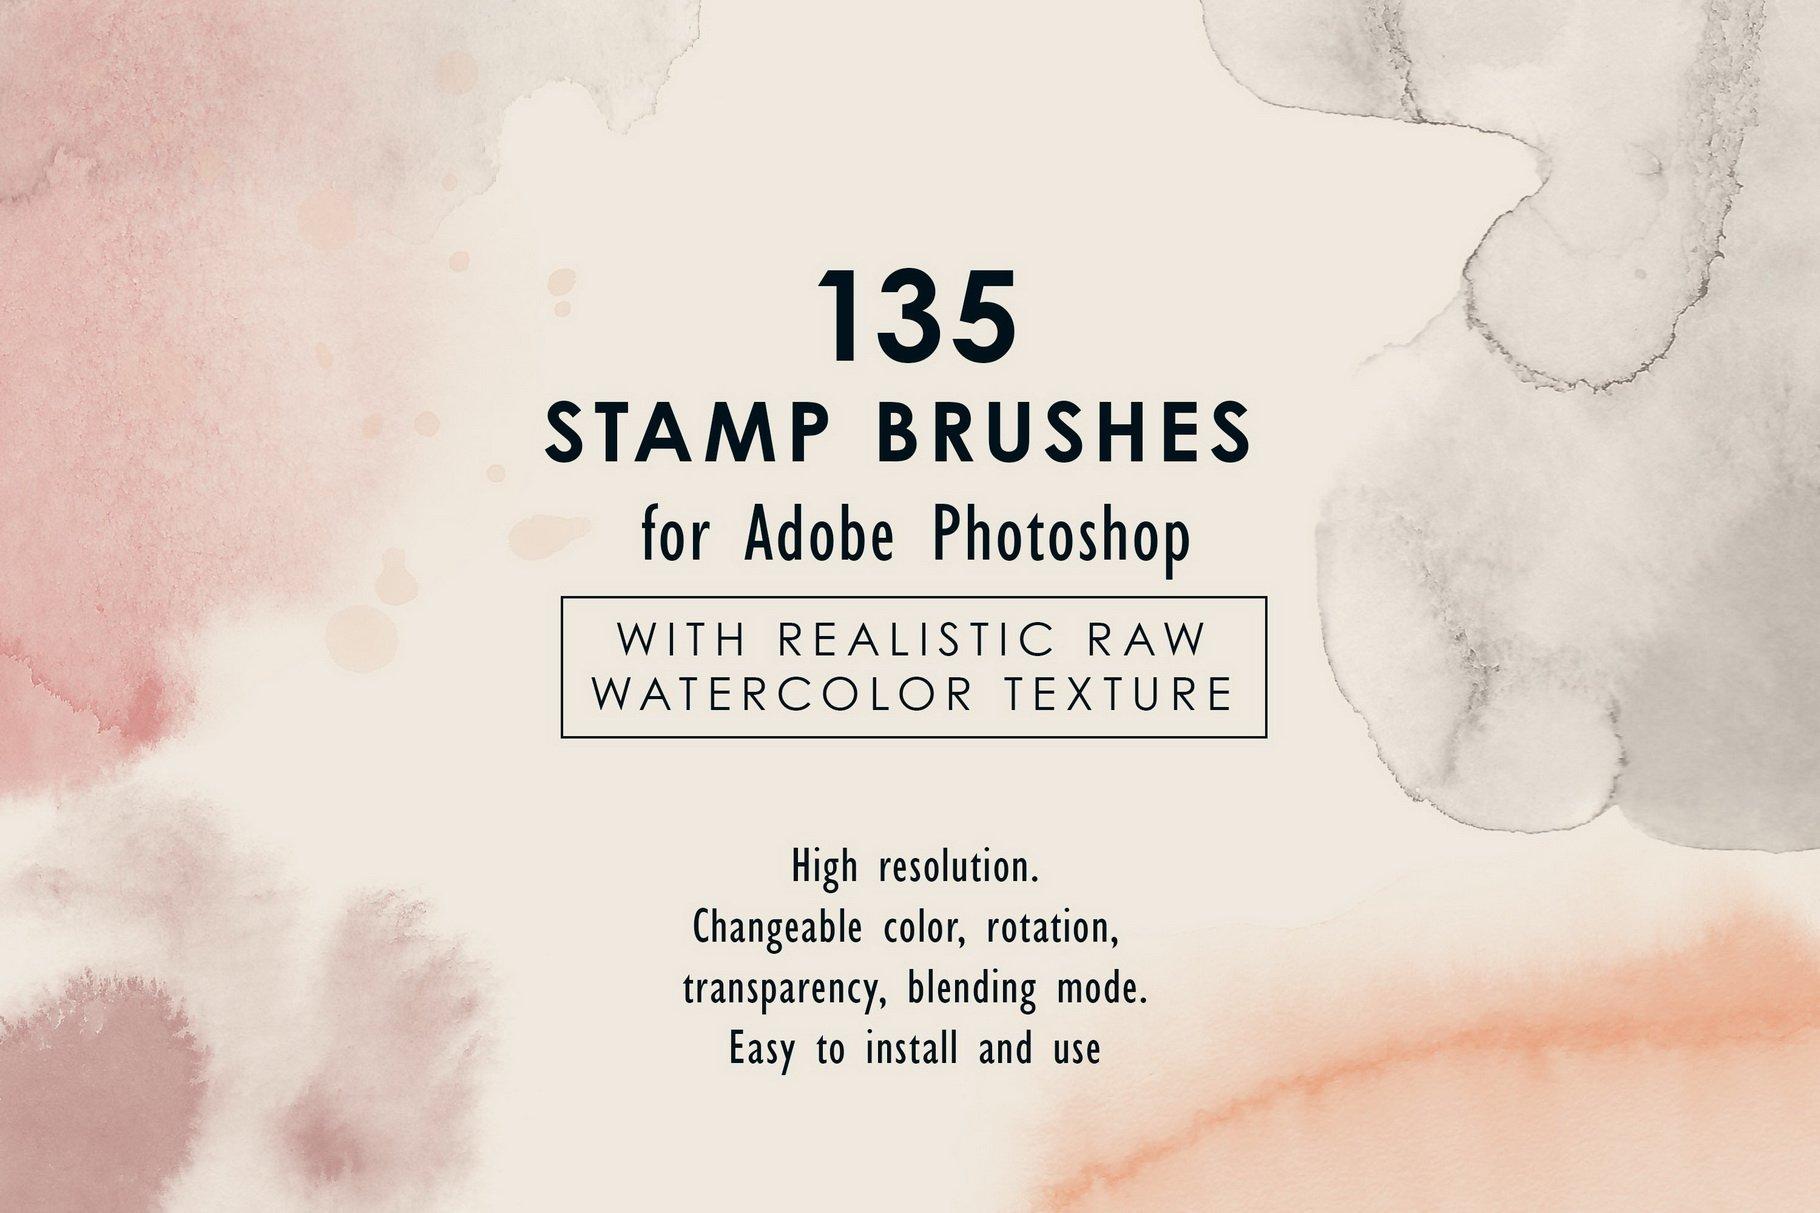 775款艺术气息水彩水墨丙烯酸绘画效果PS图章笔刷素材 Photoshop Stamp Brushes Bundle 2020插图14